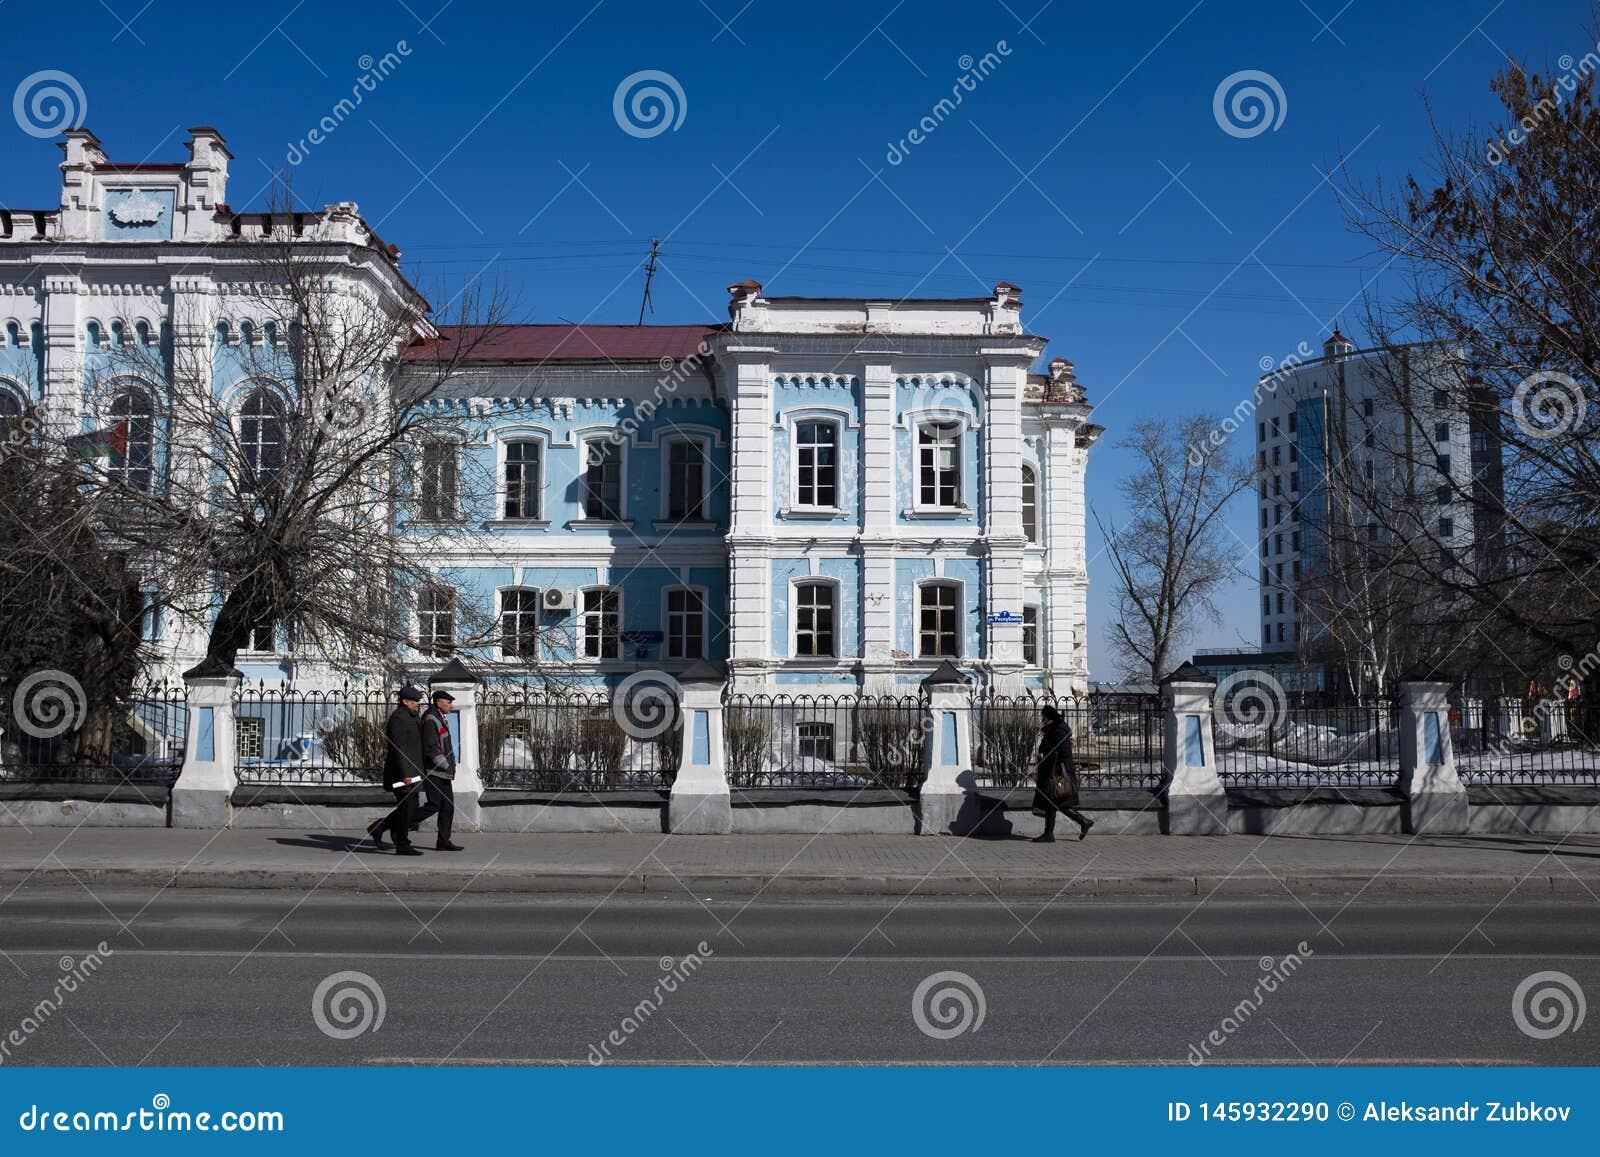 Tyumen, Rusia - 24 de marzo de 2017 Universidad agraria del estado de la academia agrícola anterior septentrional de Transporte-U